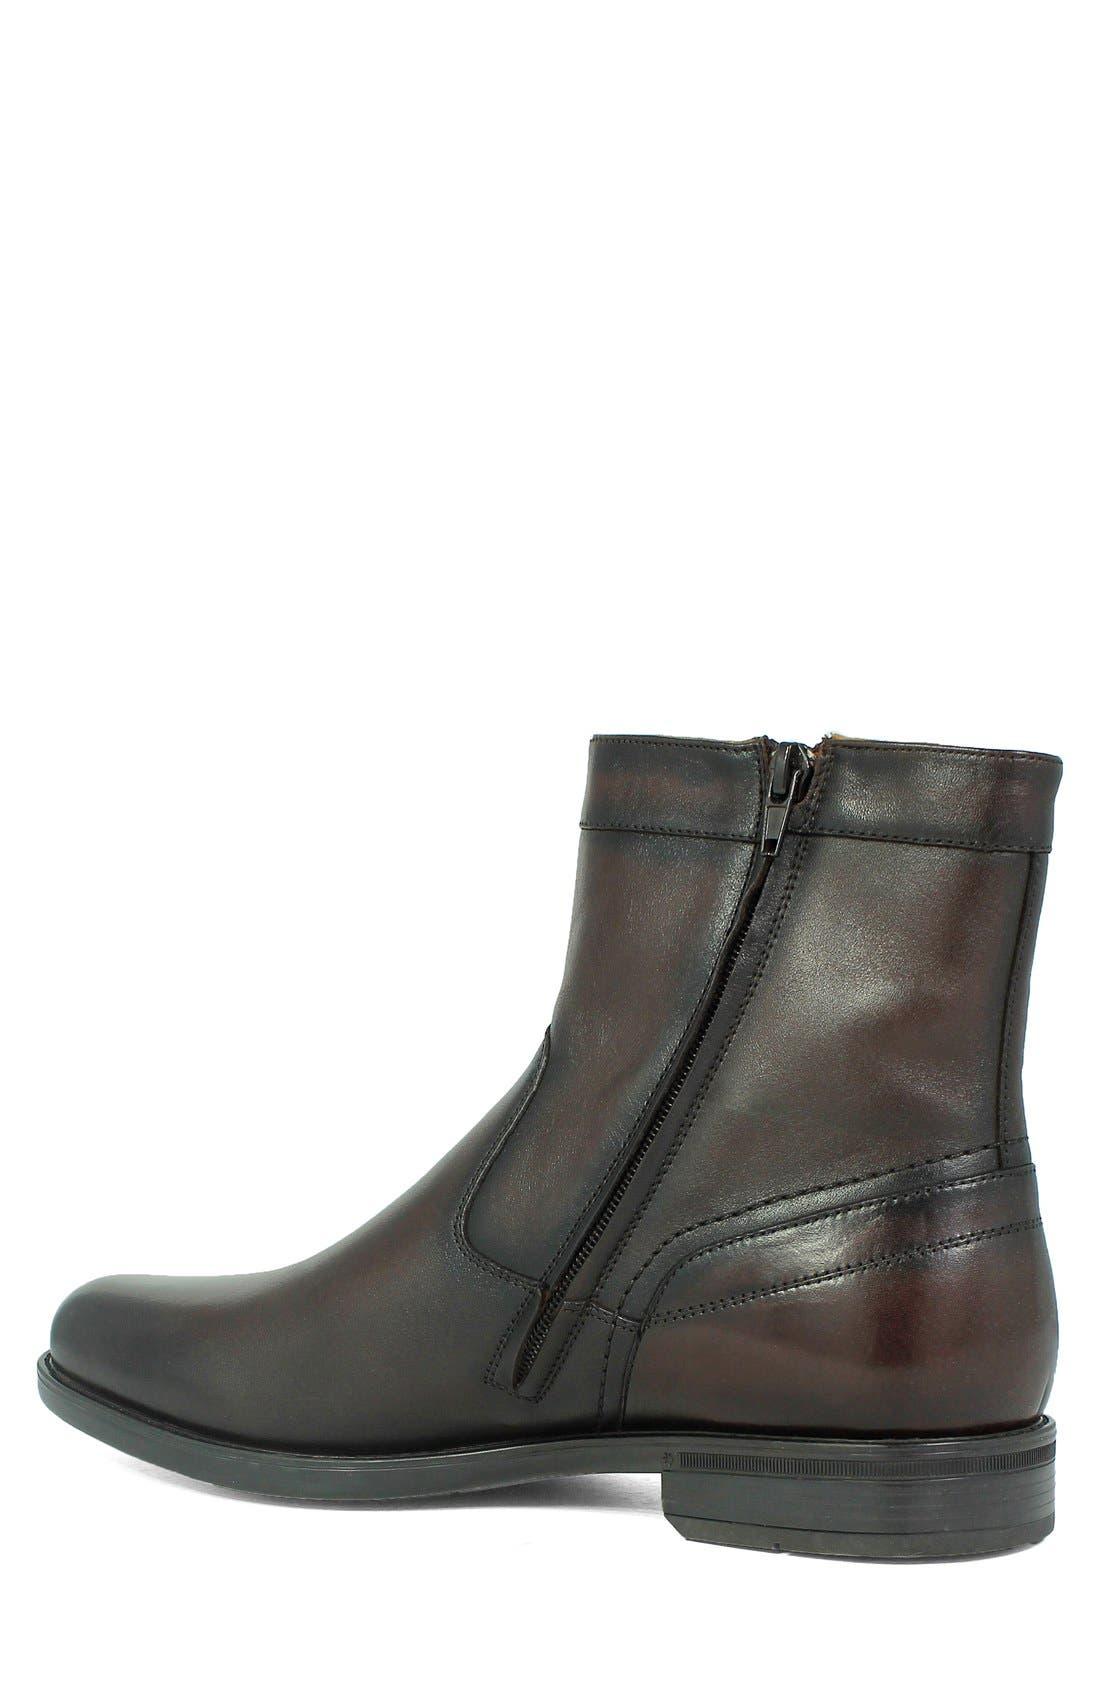 Alternate Image 2  - Florsheim 'Midtown' Zip Boot (Men)